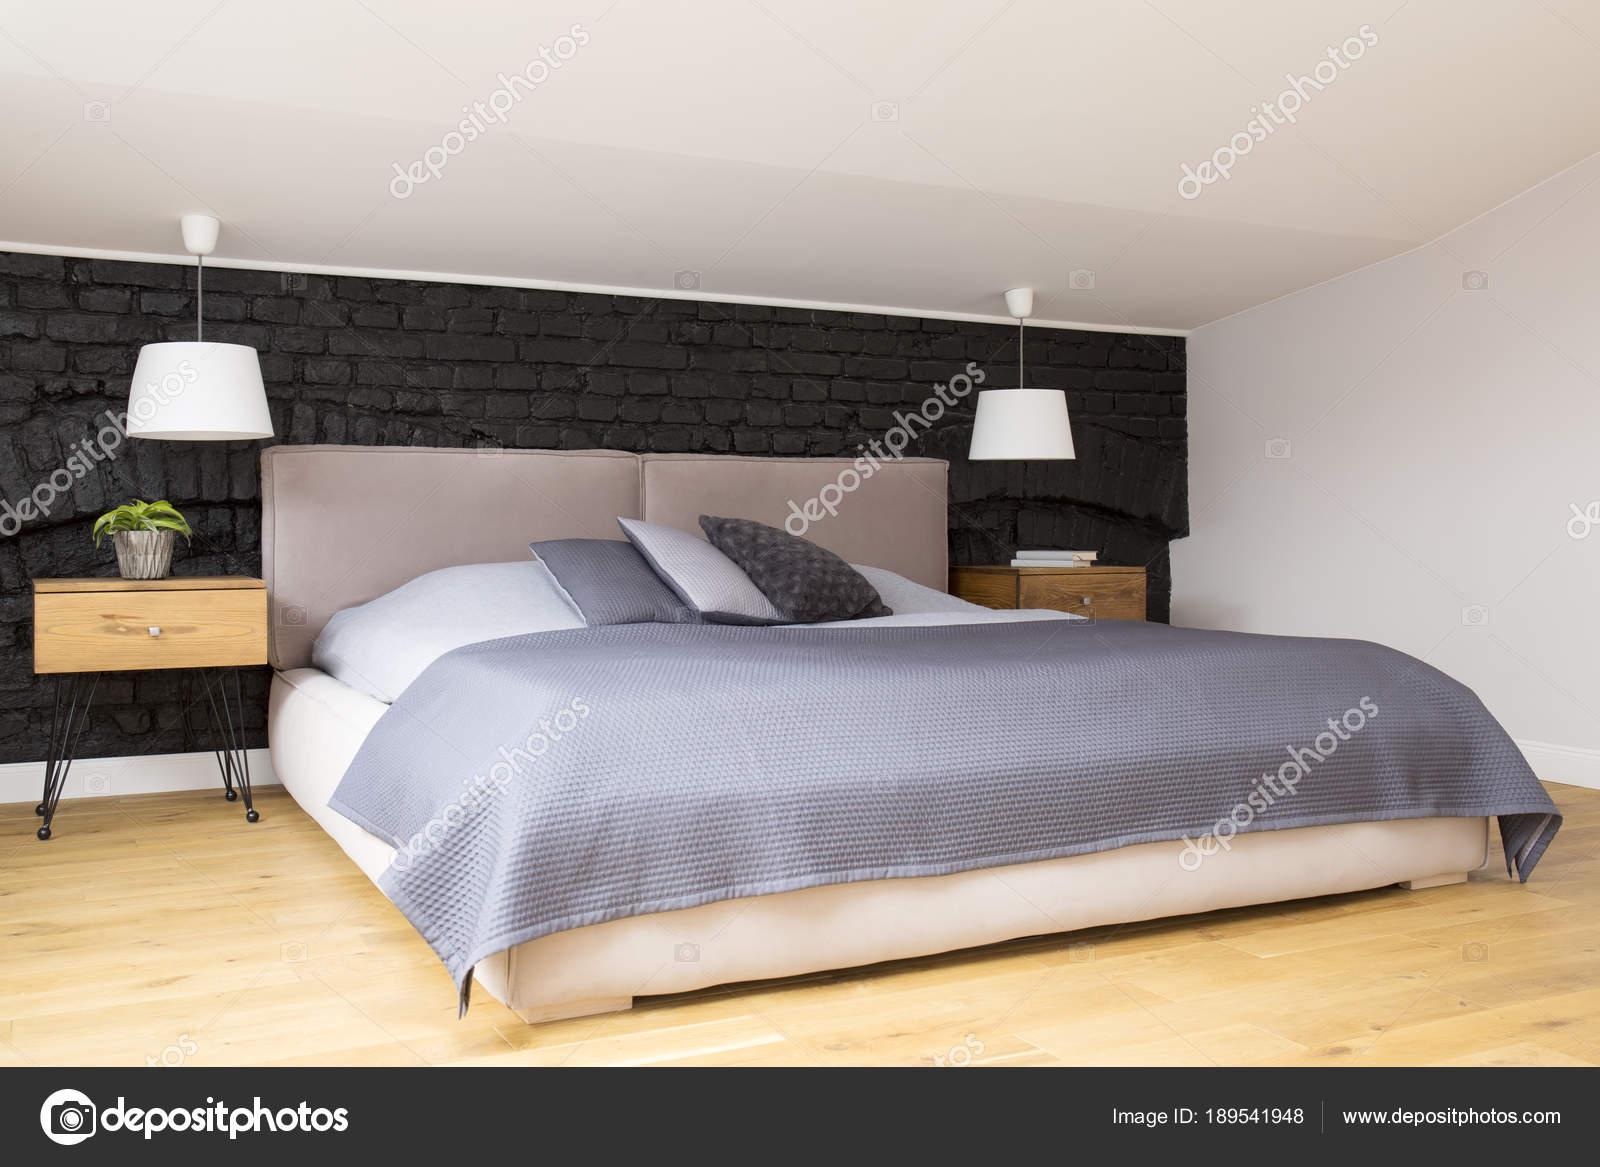 Slaapkamer Interieur Grijs : Grijze gezellige slaapkamer interieur u stockfoto photographee